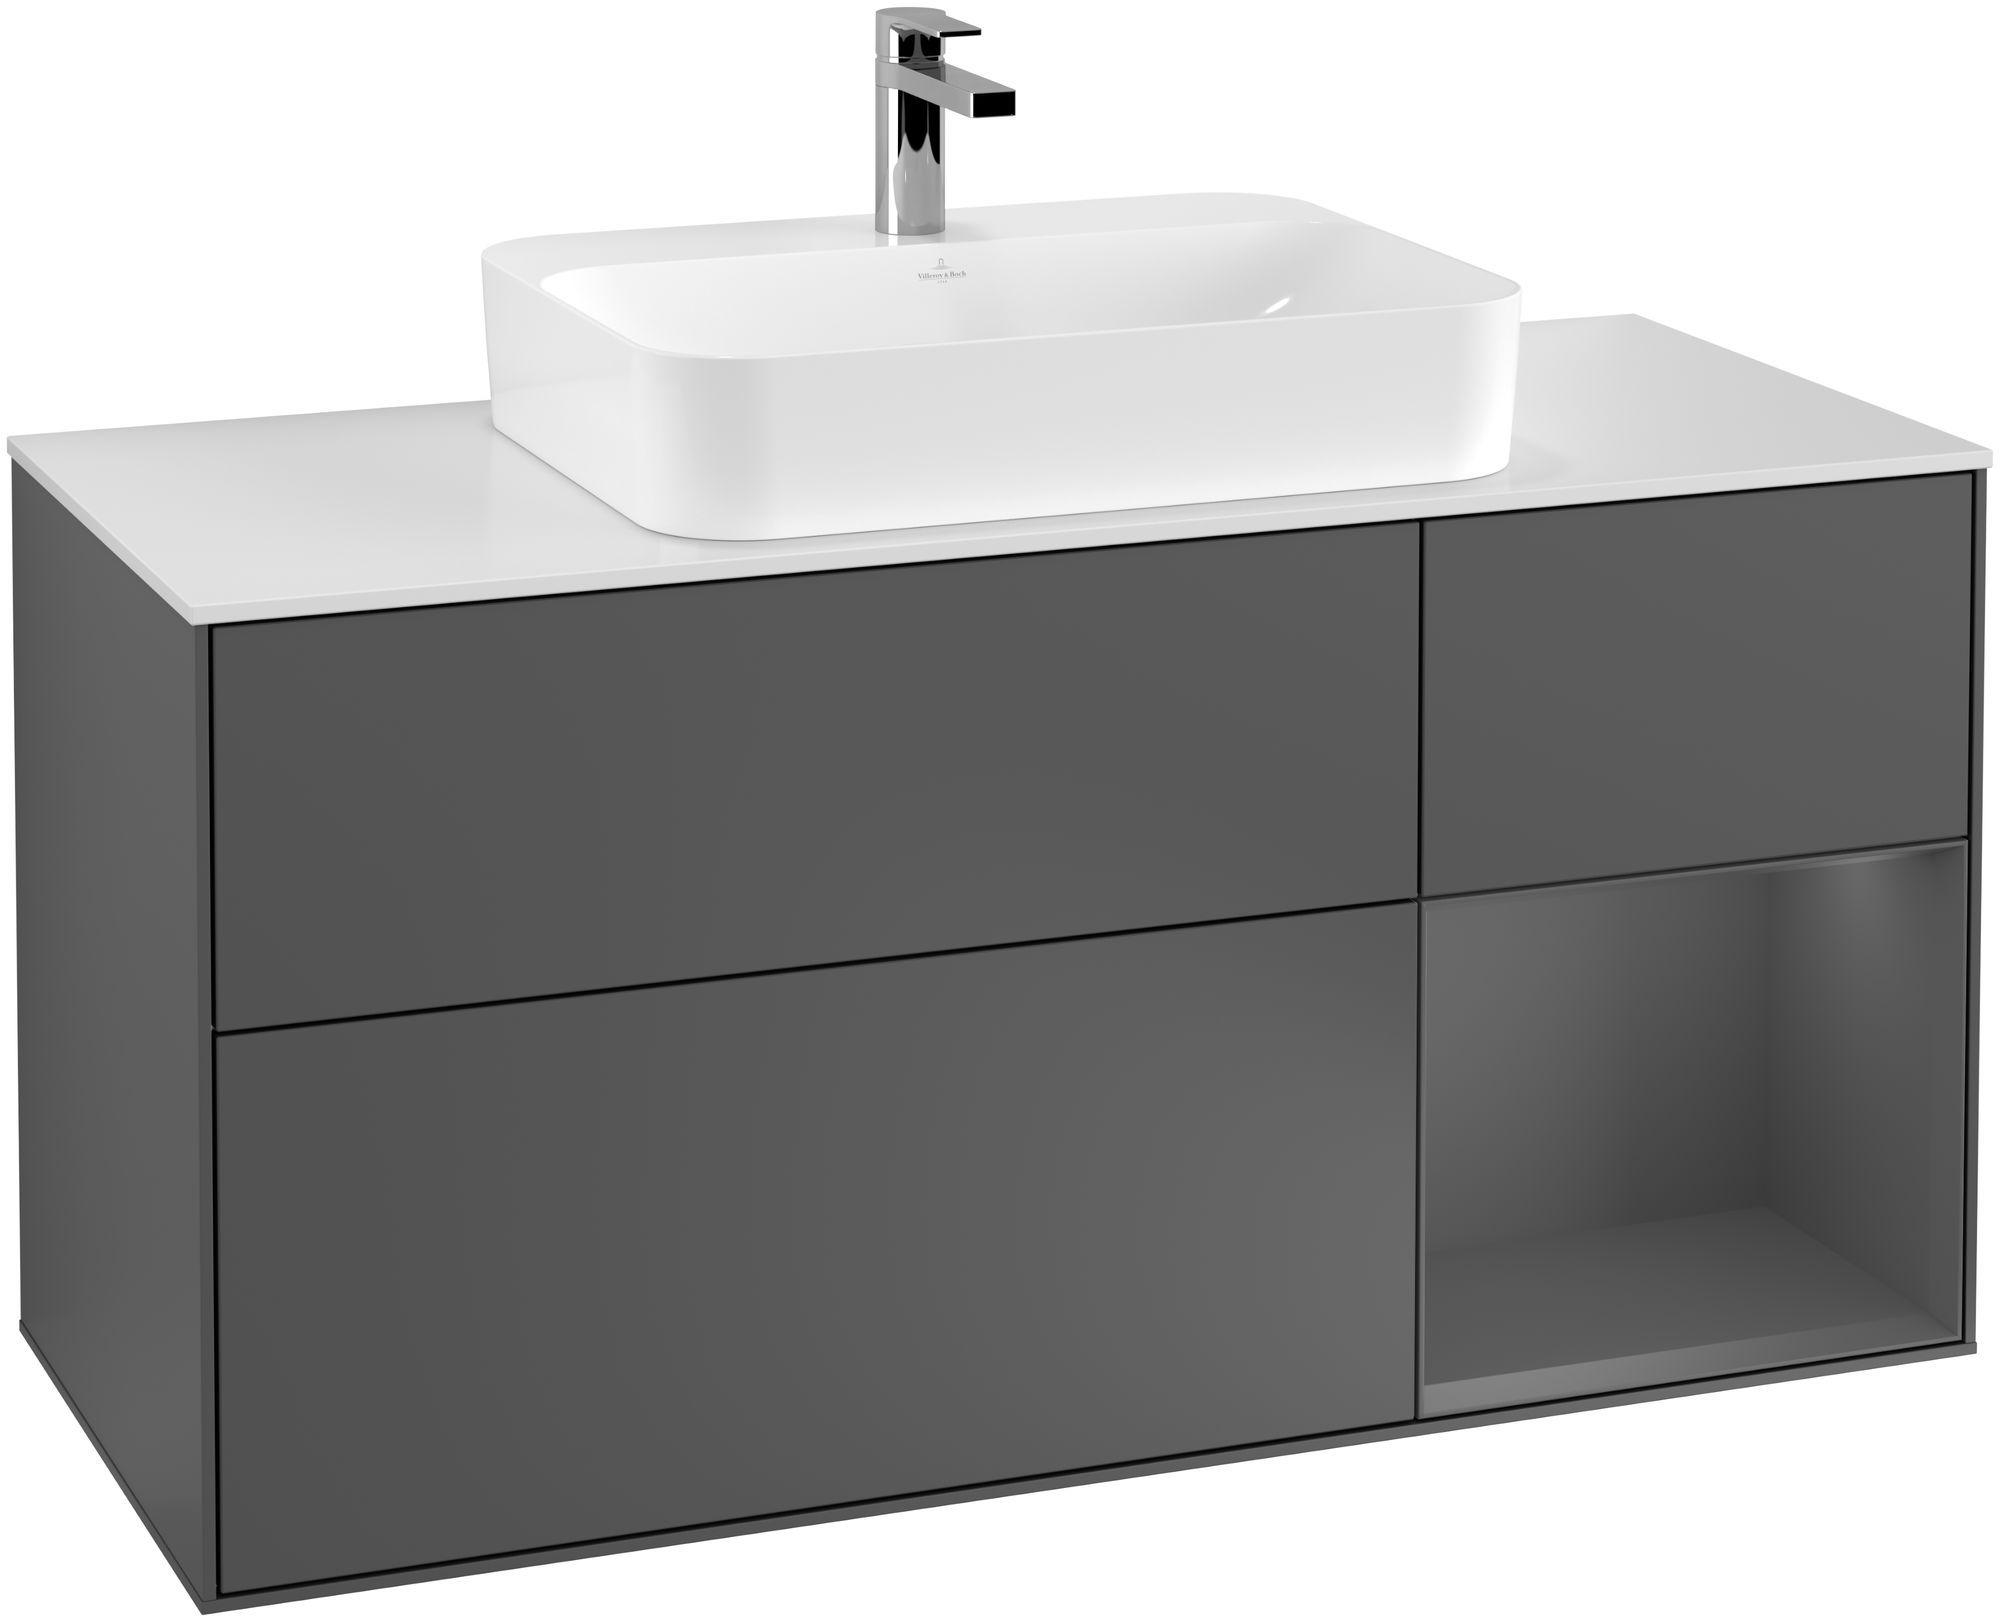 Villeroy & Boch Finion F42 Waschtischunterschrank mit Regalelement 3 Auszüge Waschtisch mittig LED-Beleuchtung B:120xH:60,3xT:50,1cm Front, Korpus: Anthracite Matt, Glasplatte: White Matt F421GKGK